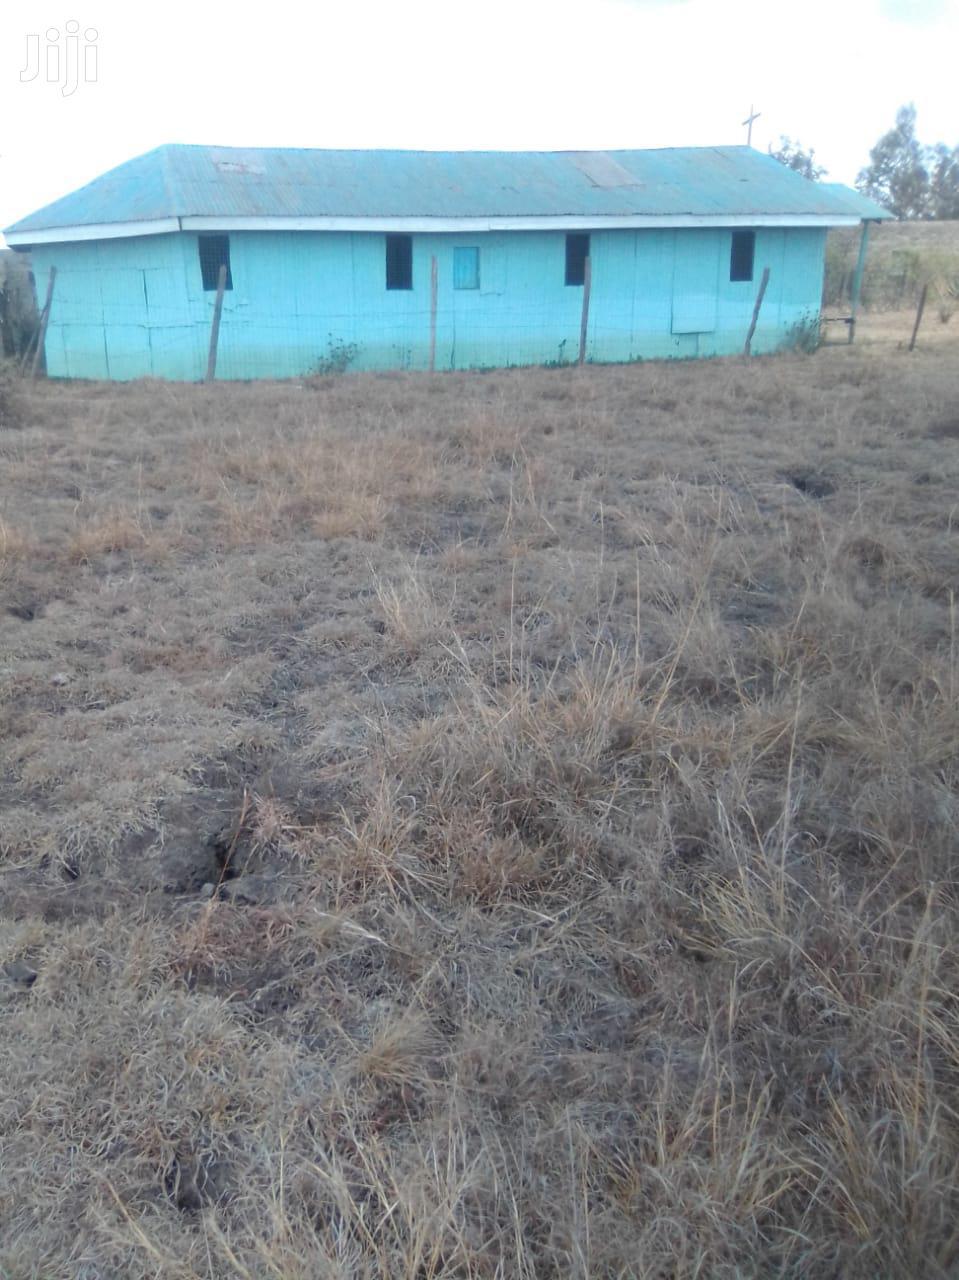 Prime Plot for Sale | Land & Plots For Sale for sale in Juja, Kiambu, Kenya